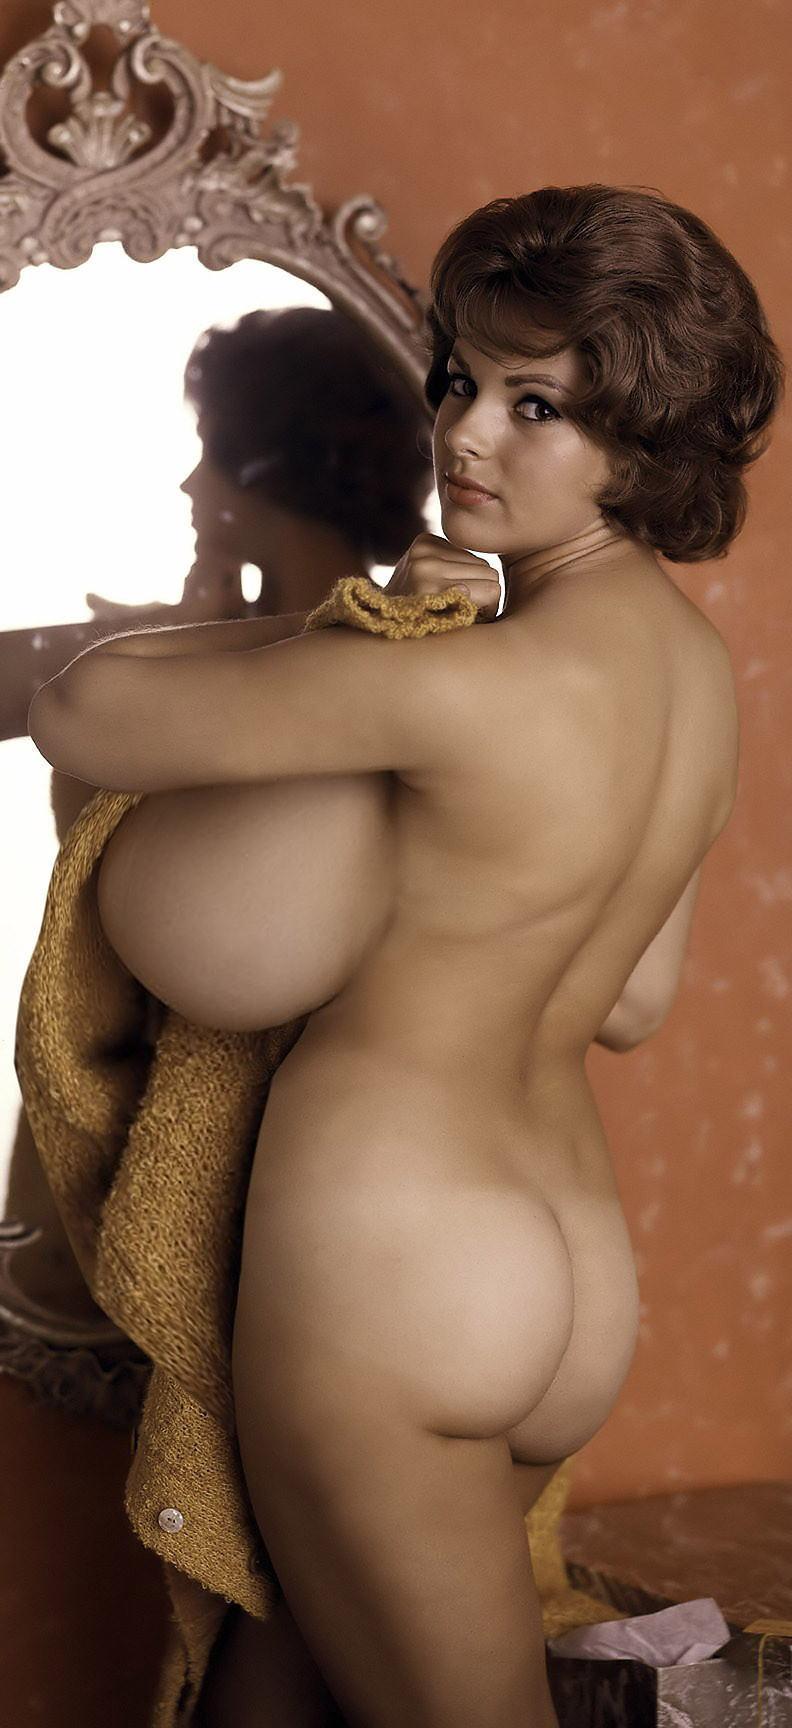 外国人 巨乳 横乳 おっぱい サイドビュー エロ画像【17】